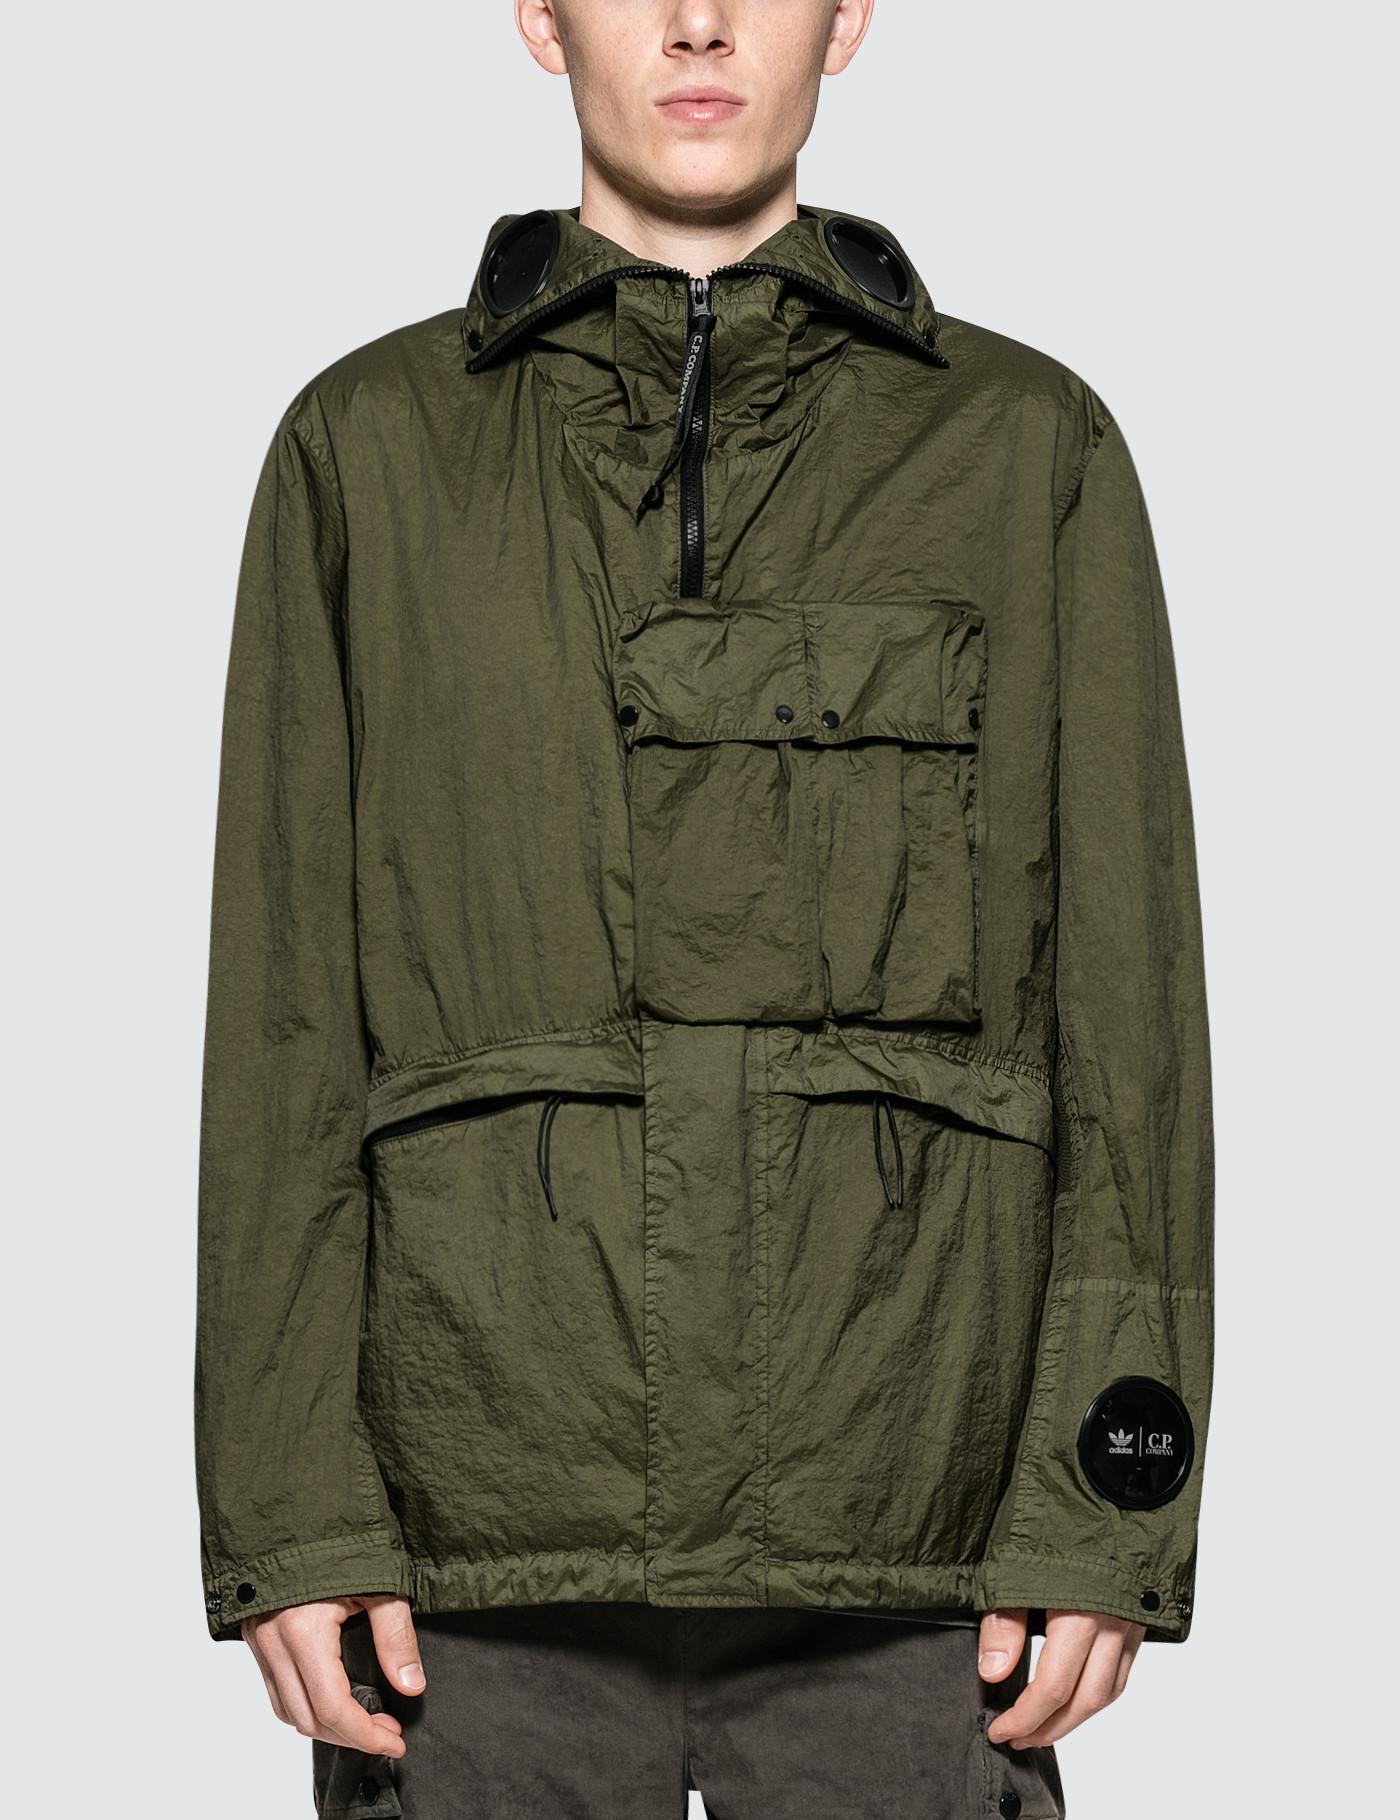 adidas x cp company jacket